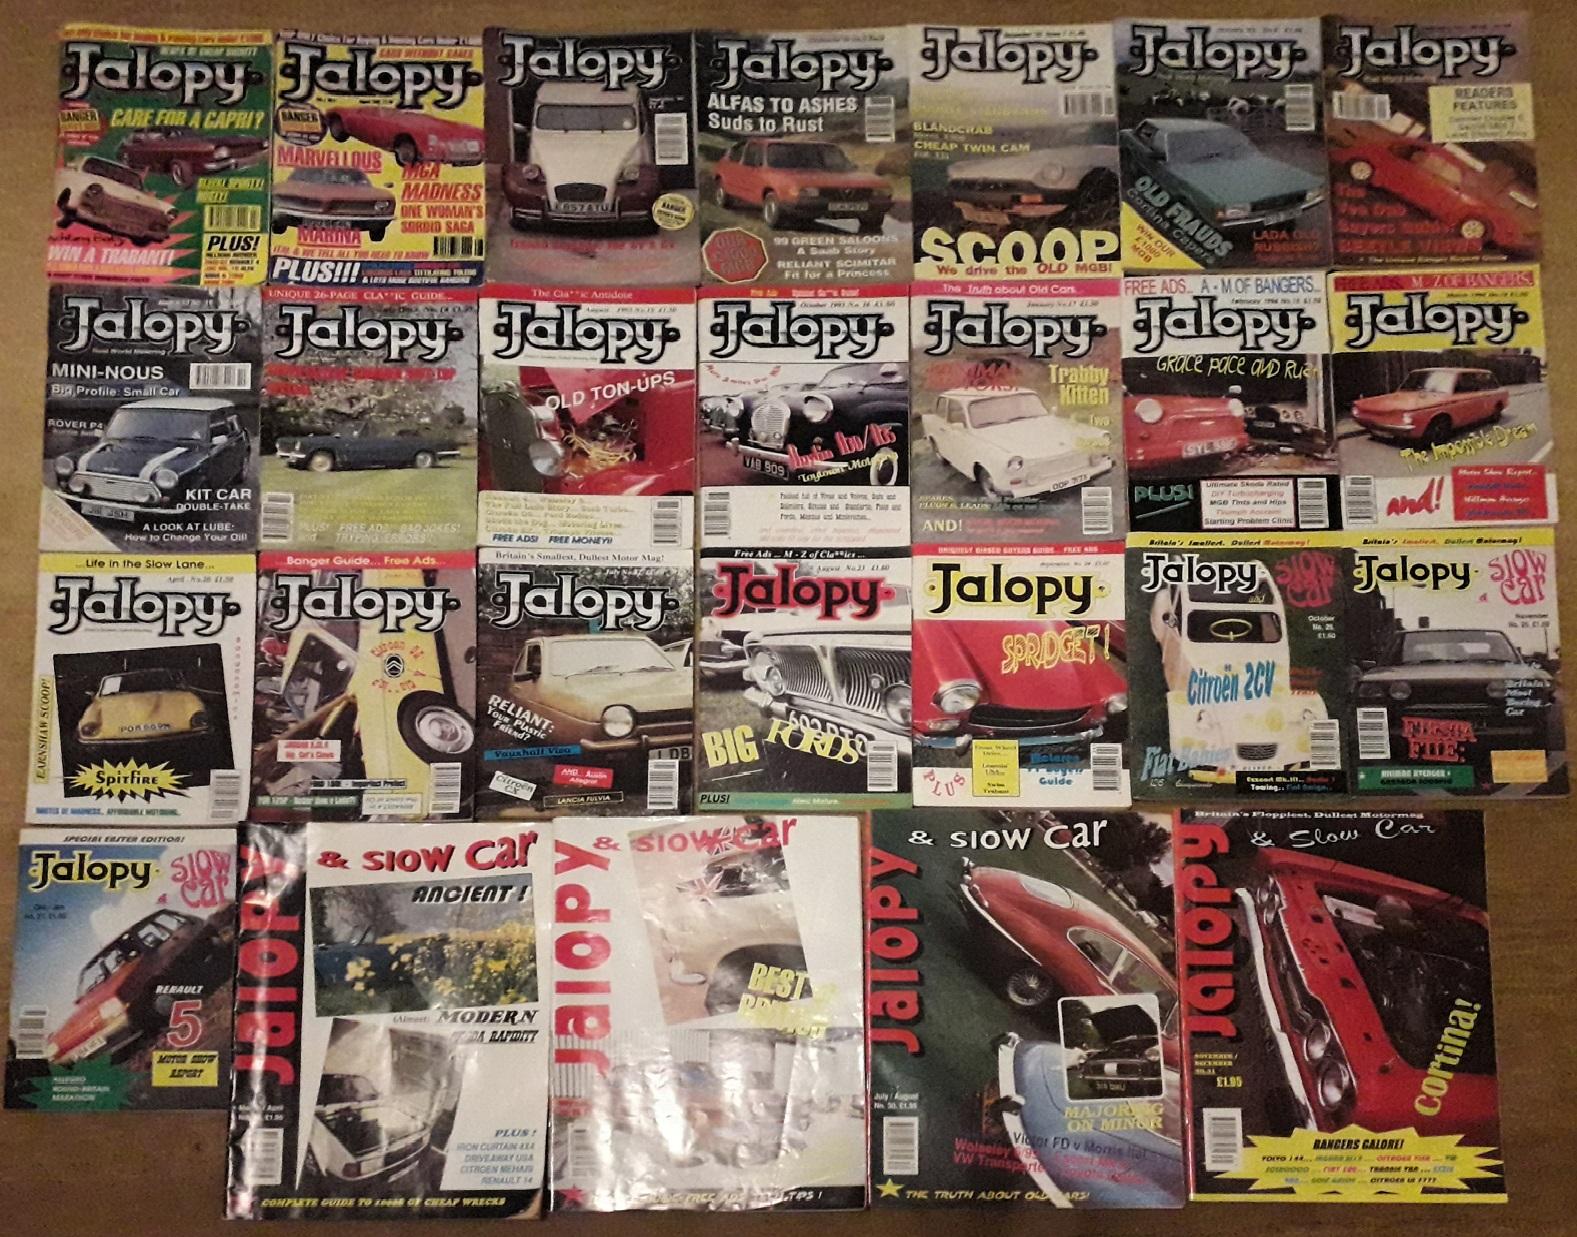 Jalopy 2.jpg